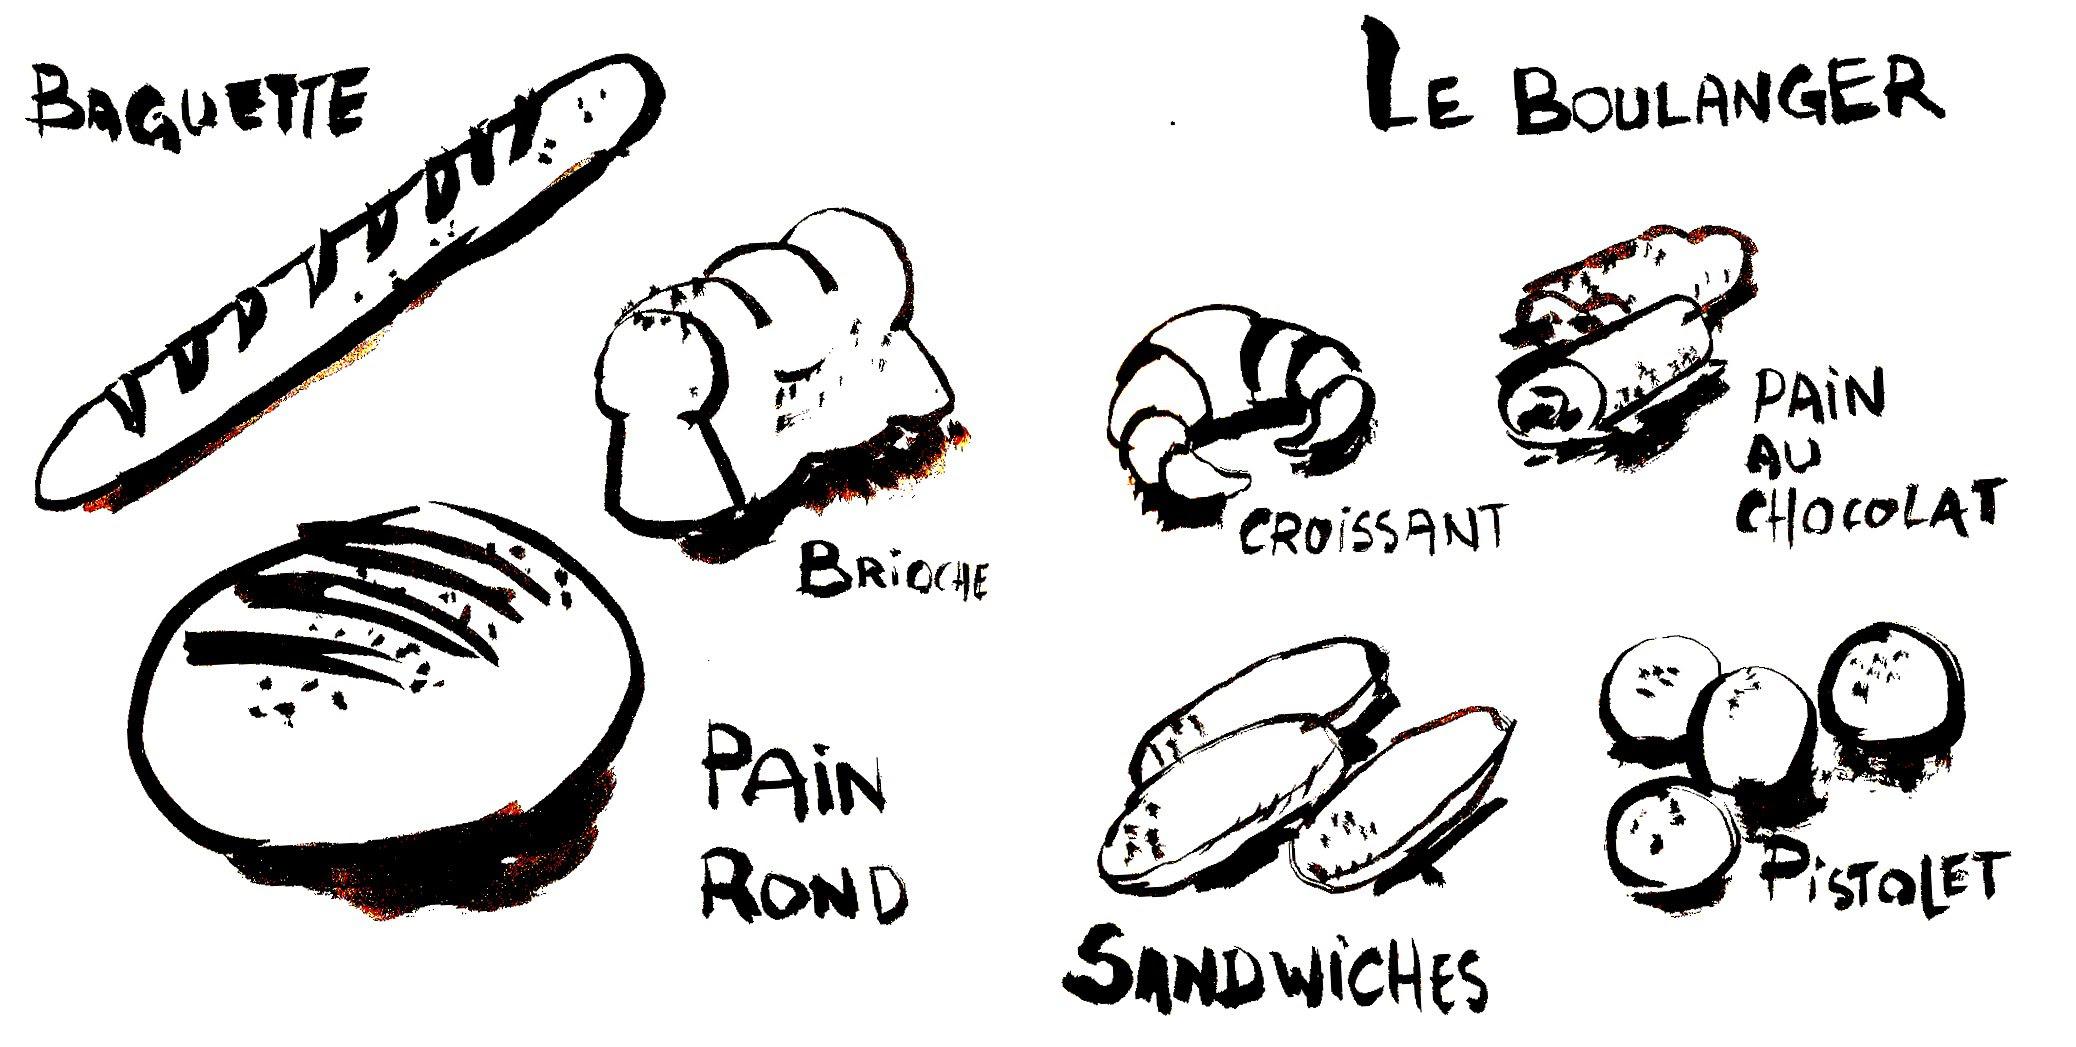 Cliparts Gratuits Boulangerie Baguette Pains Croissants